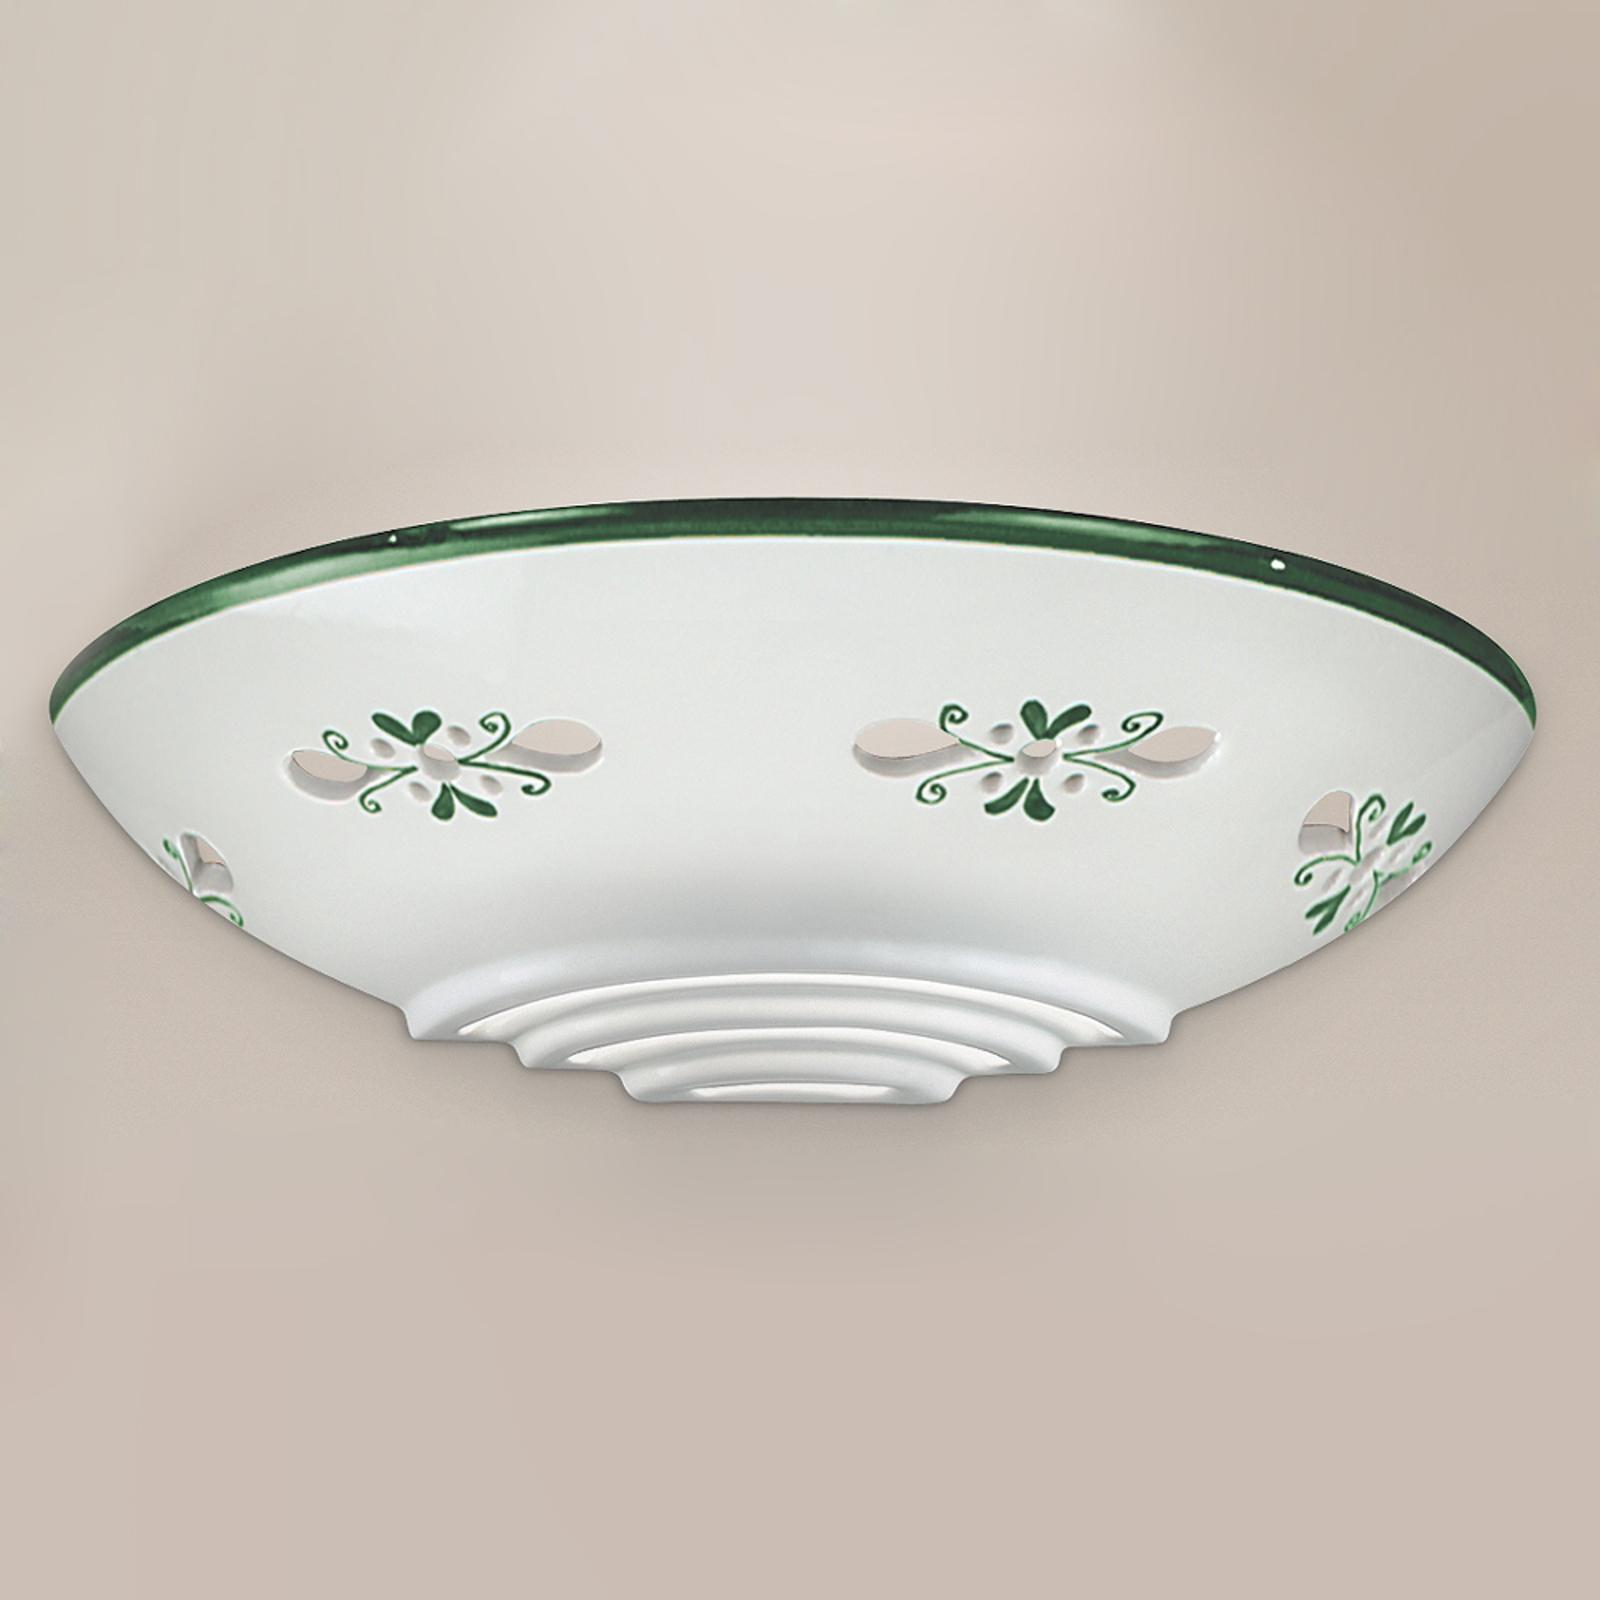 Vegglampe Bassano av keramikk, flat, grønn